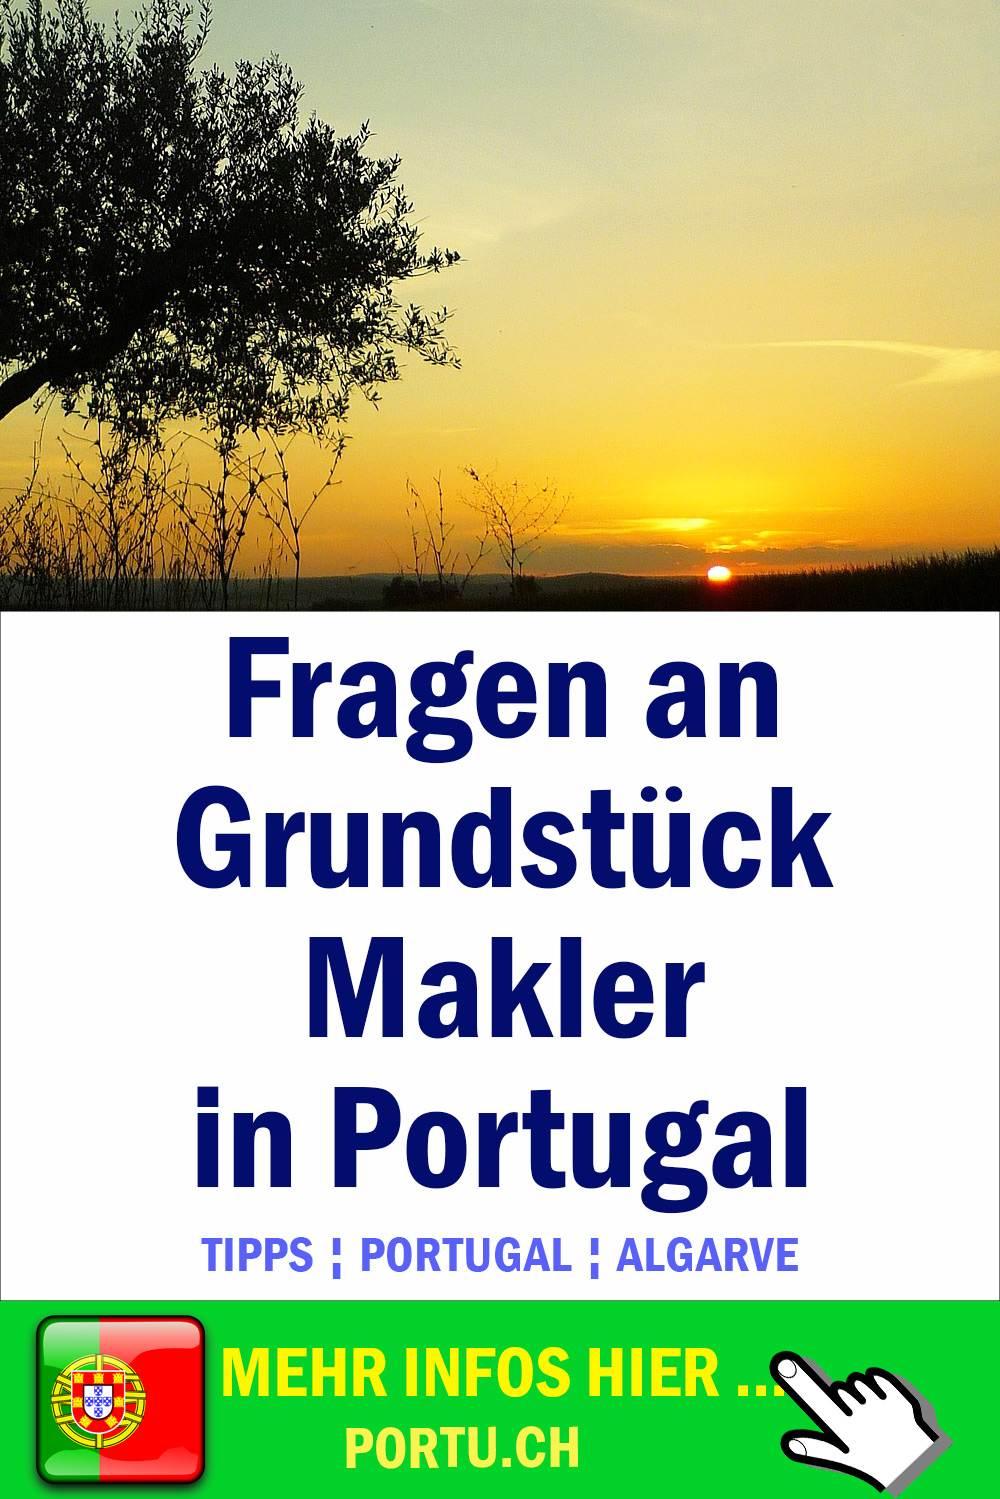 Fragen-Grundstueck-Makler-Portugal